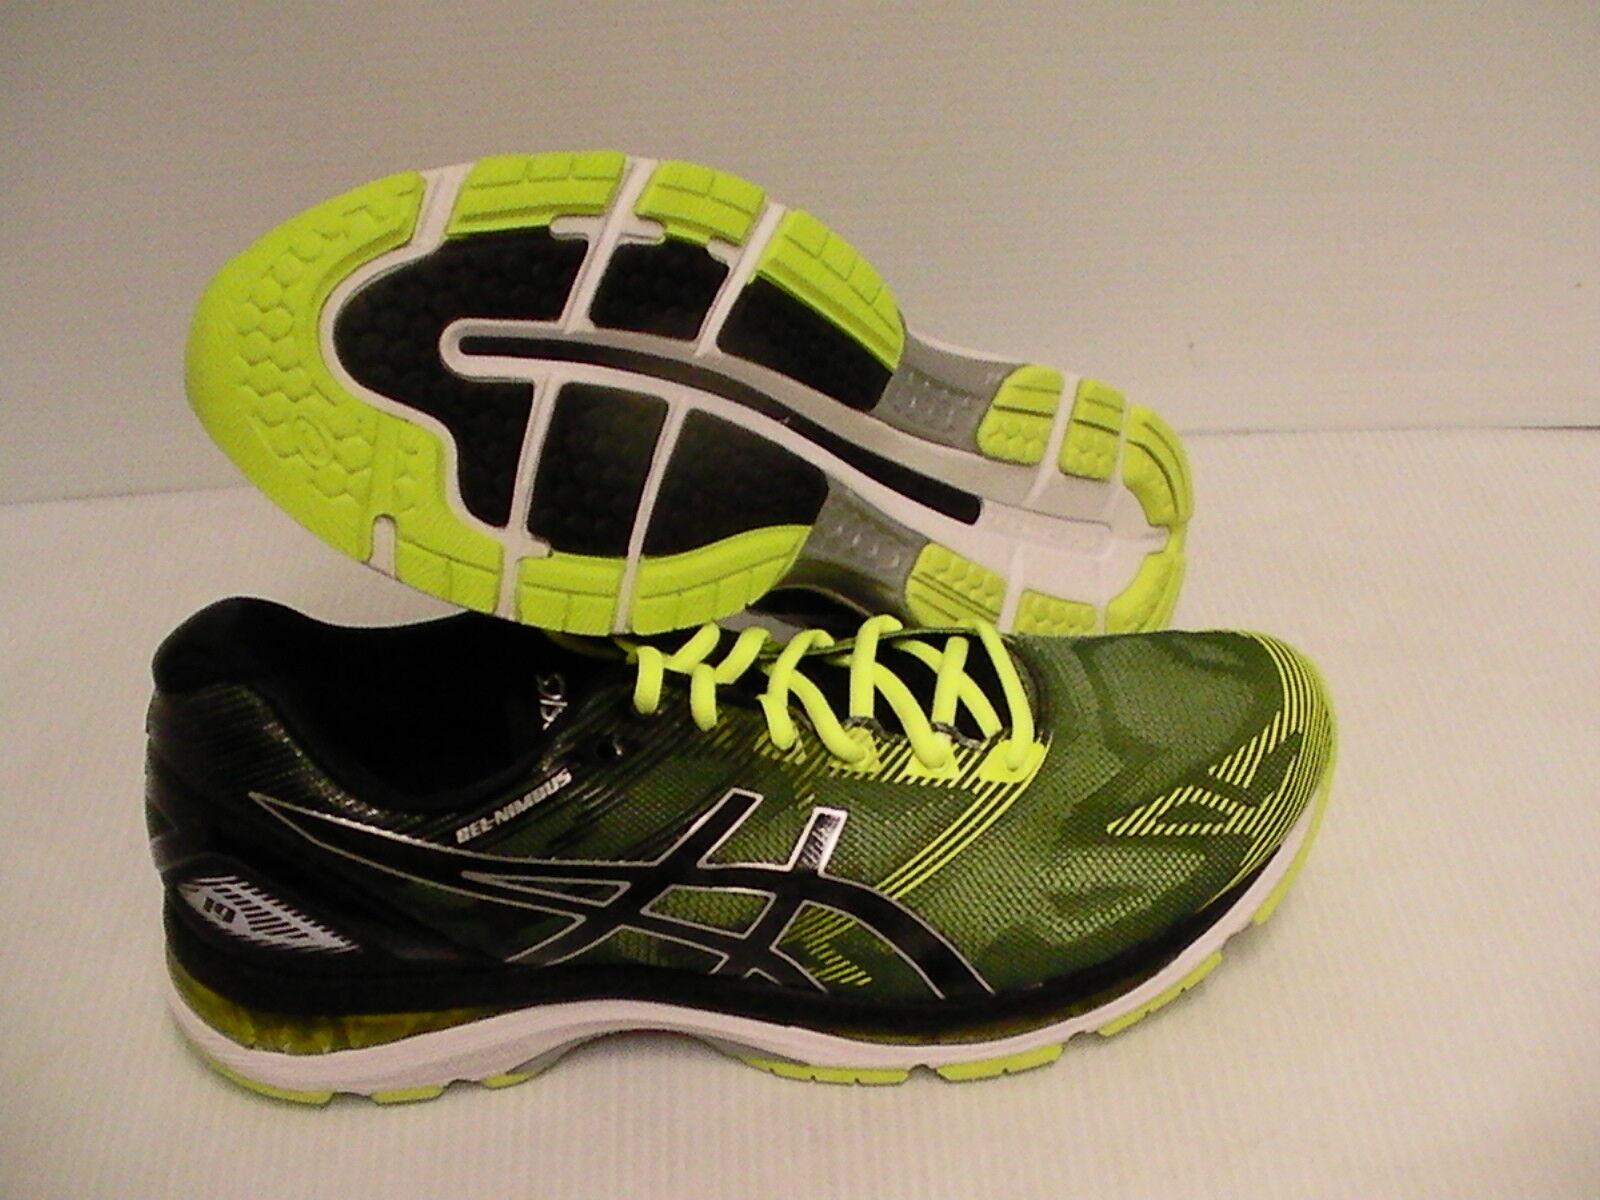 Asics Homme Gel Nimbus 19 chaussures Course noires de Sécurité jaune argent